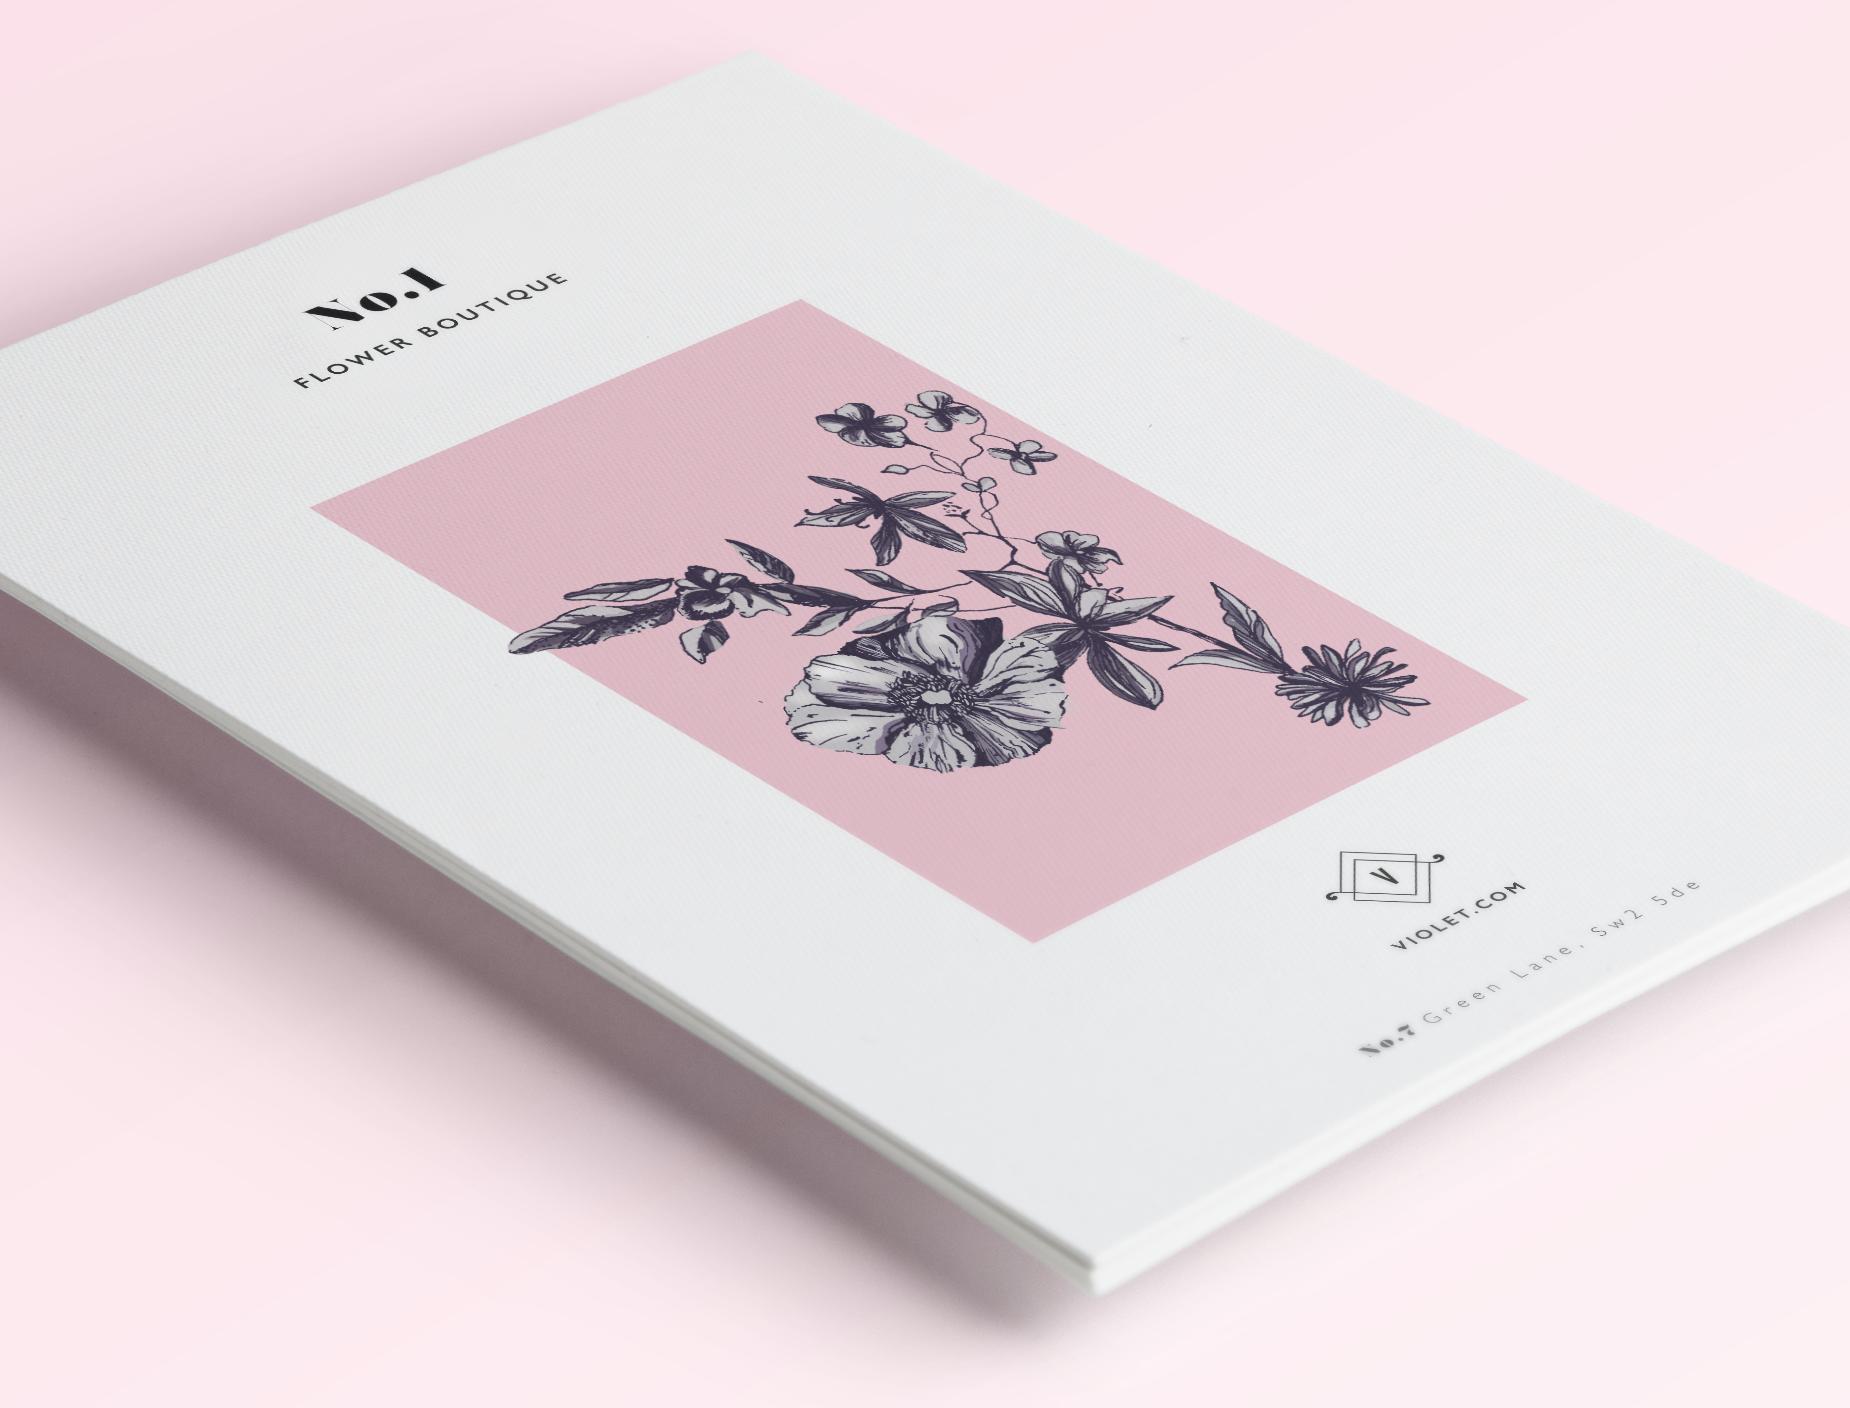 Branding-FLOWERS-design-violet-loolaadesigns.png